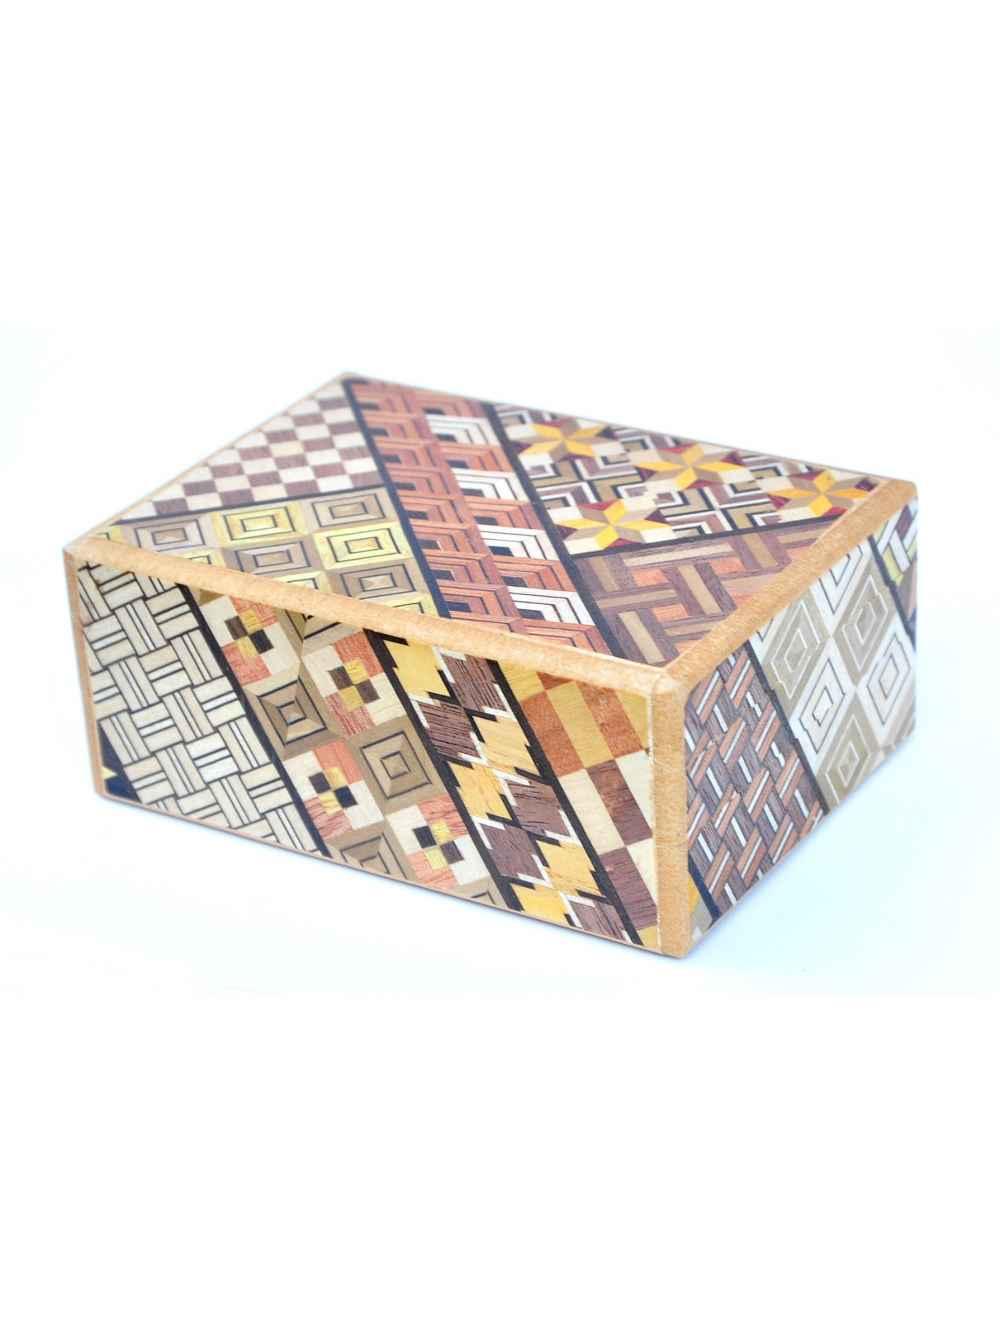 YOSEGI BOX - 12 STEPS